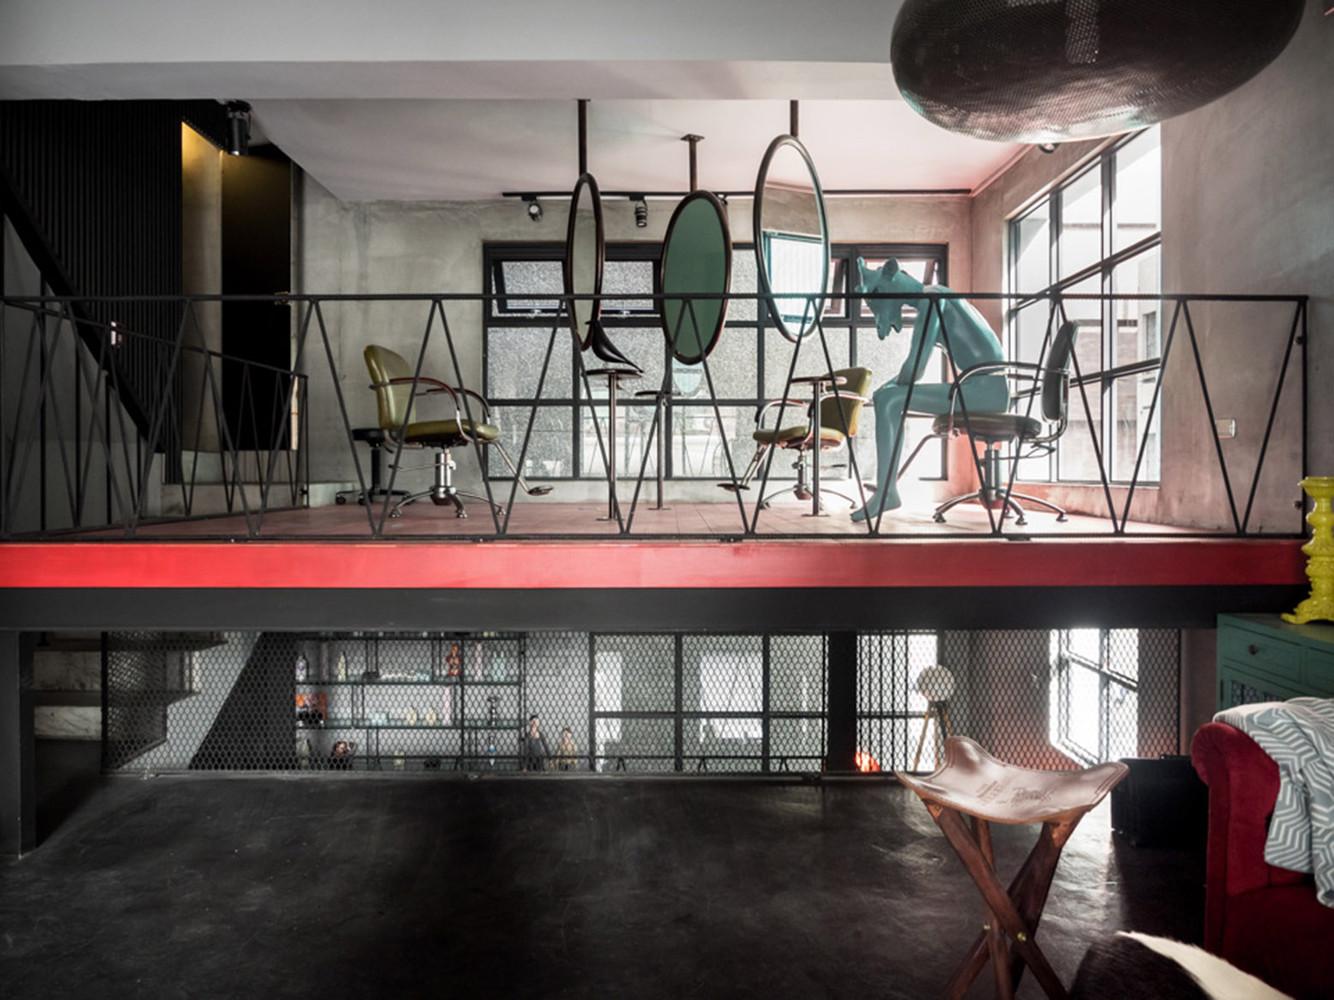 renovation of split level hair salon residential hey cheese - Split Level Interior Design